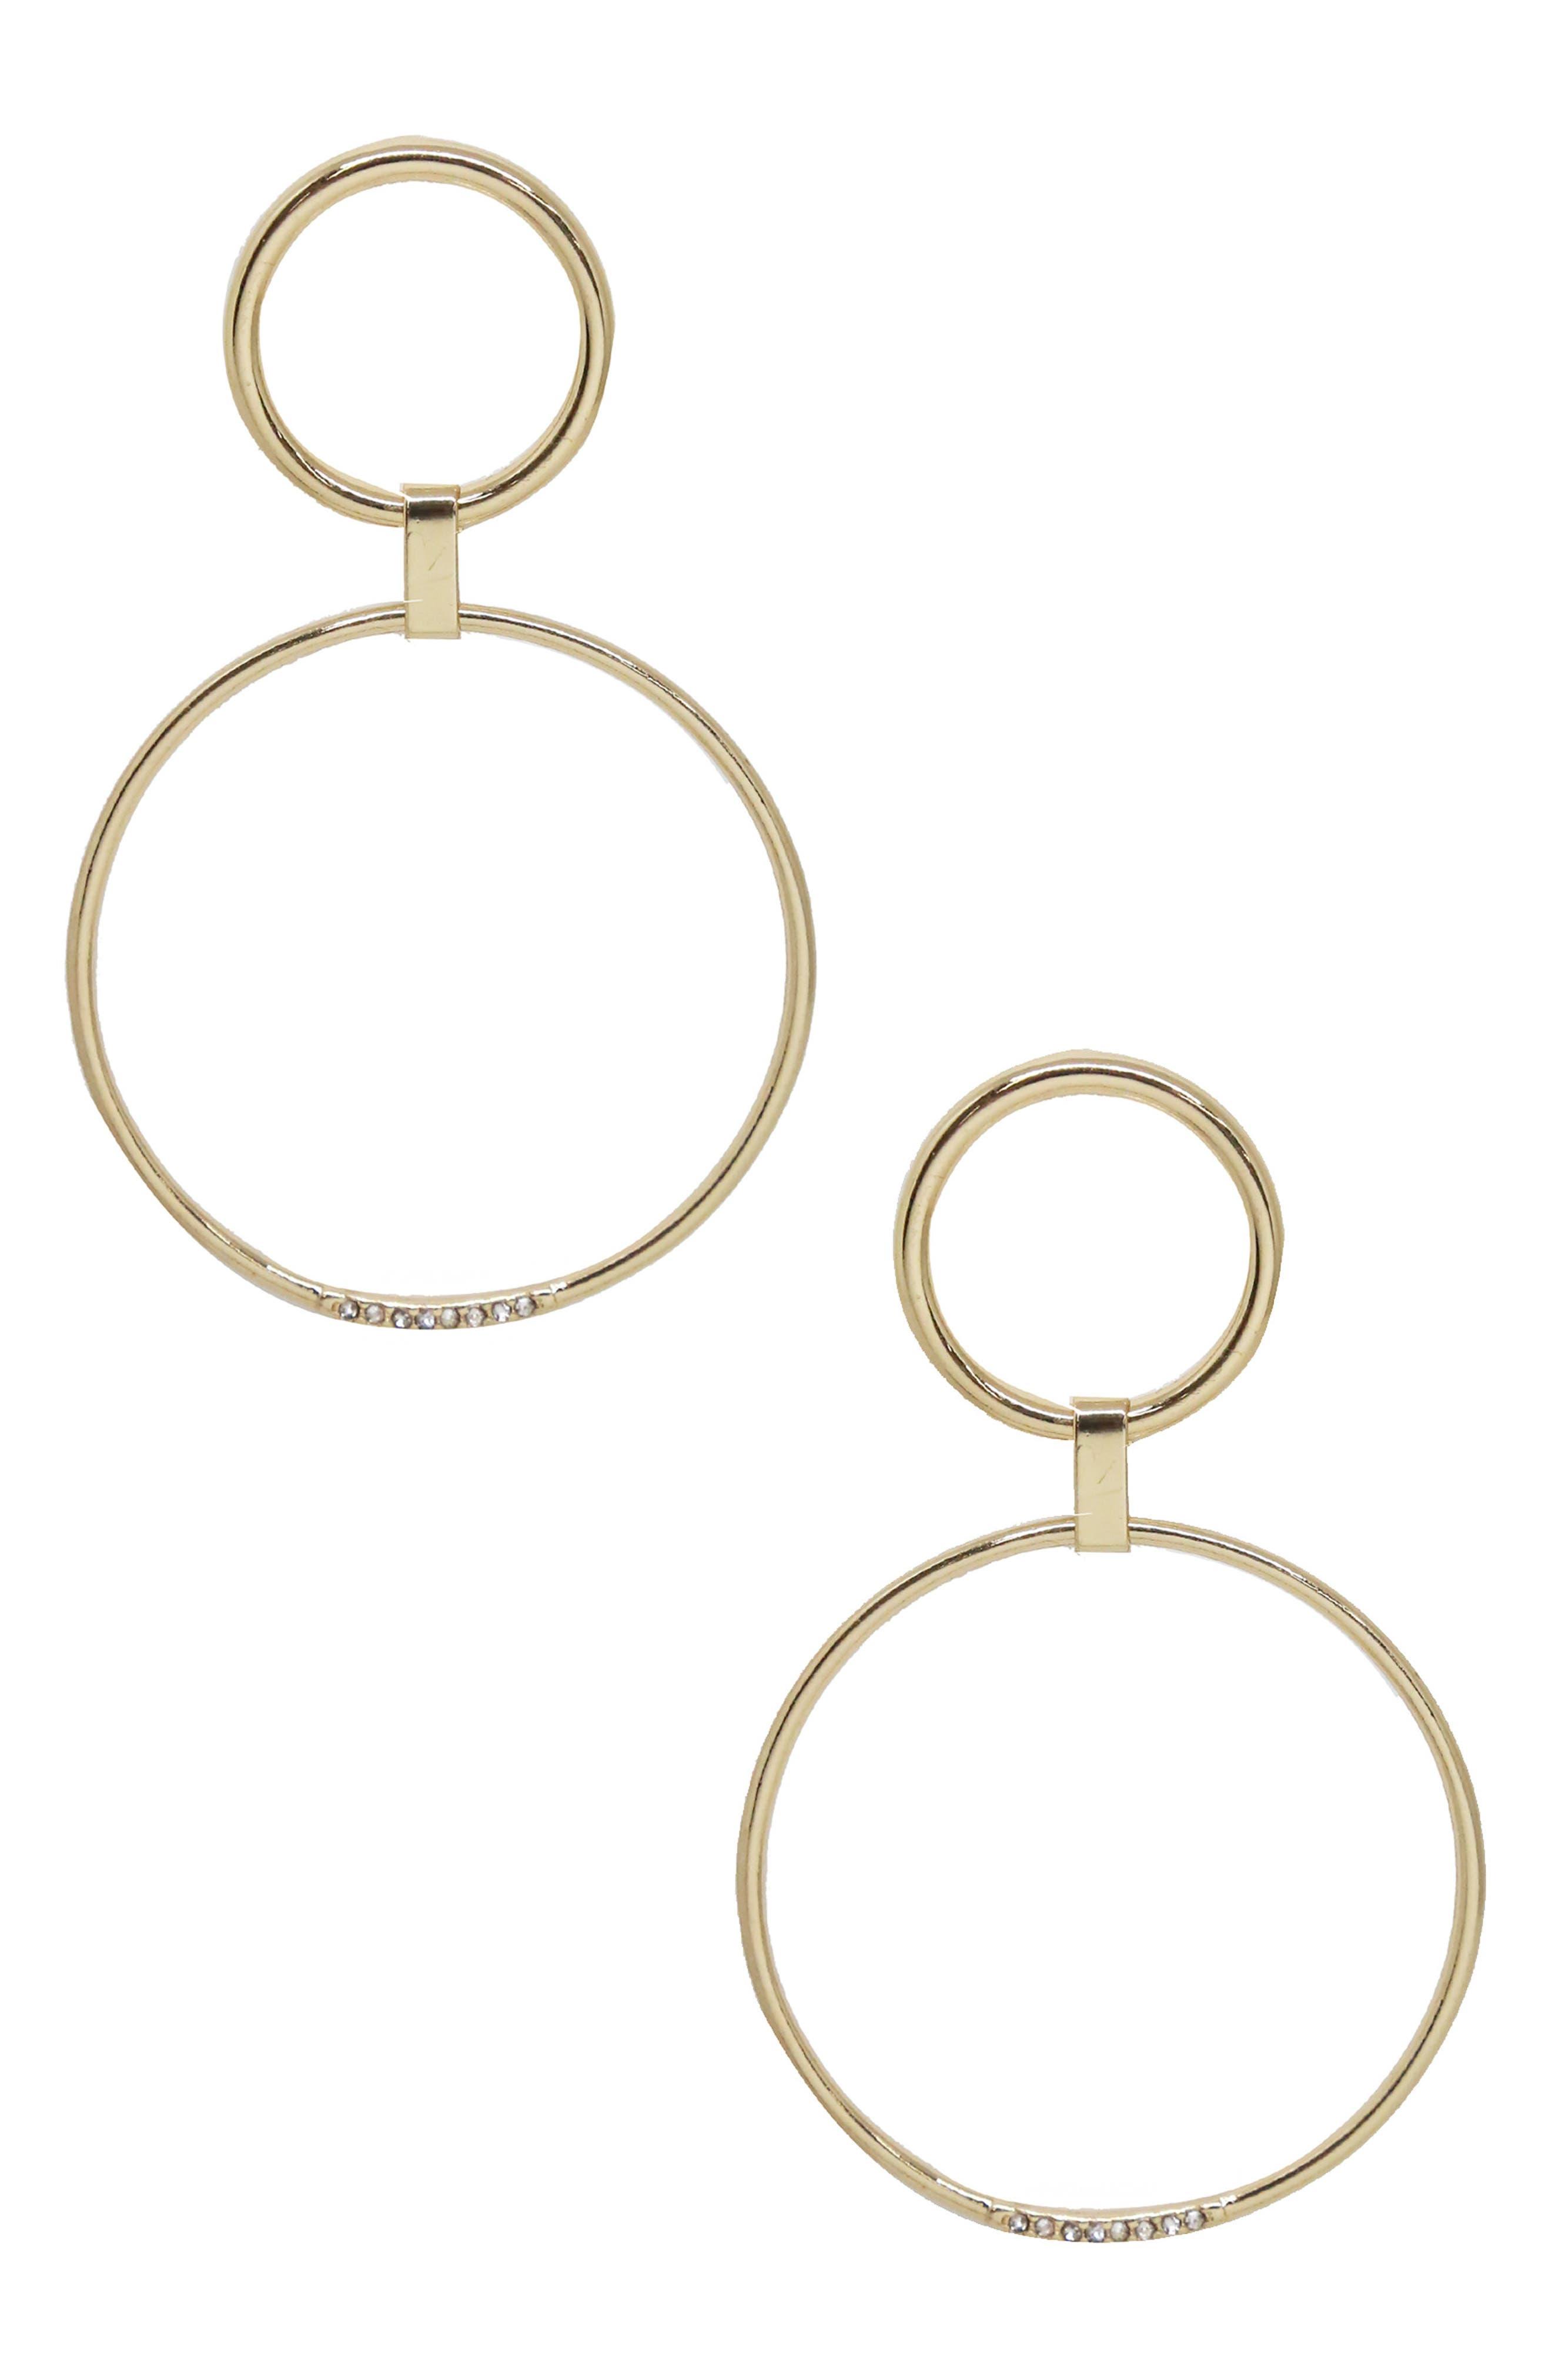 Double Hoop Drop Earrings,                             Main thumbnail 1, color,                             710